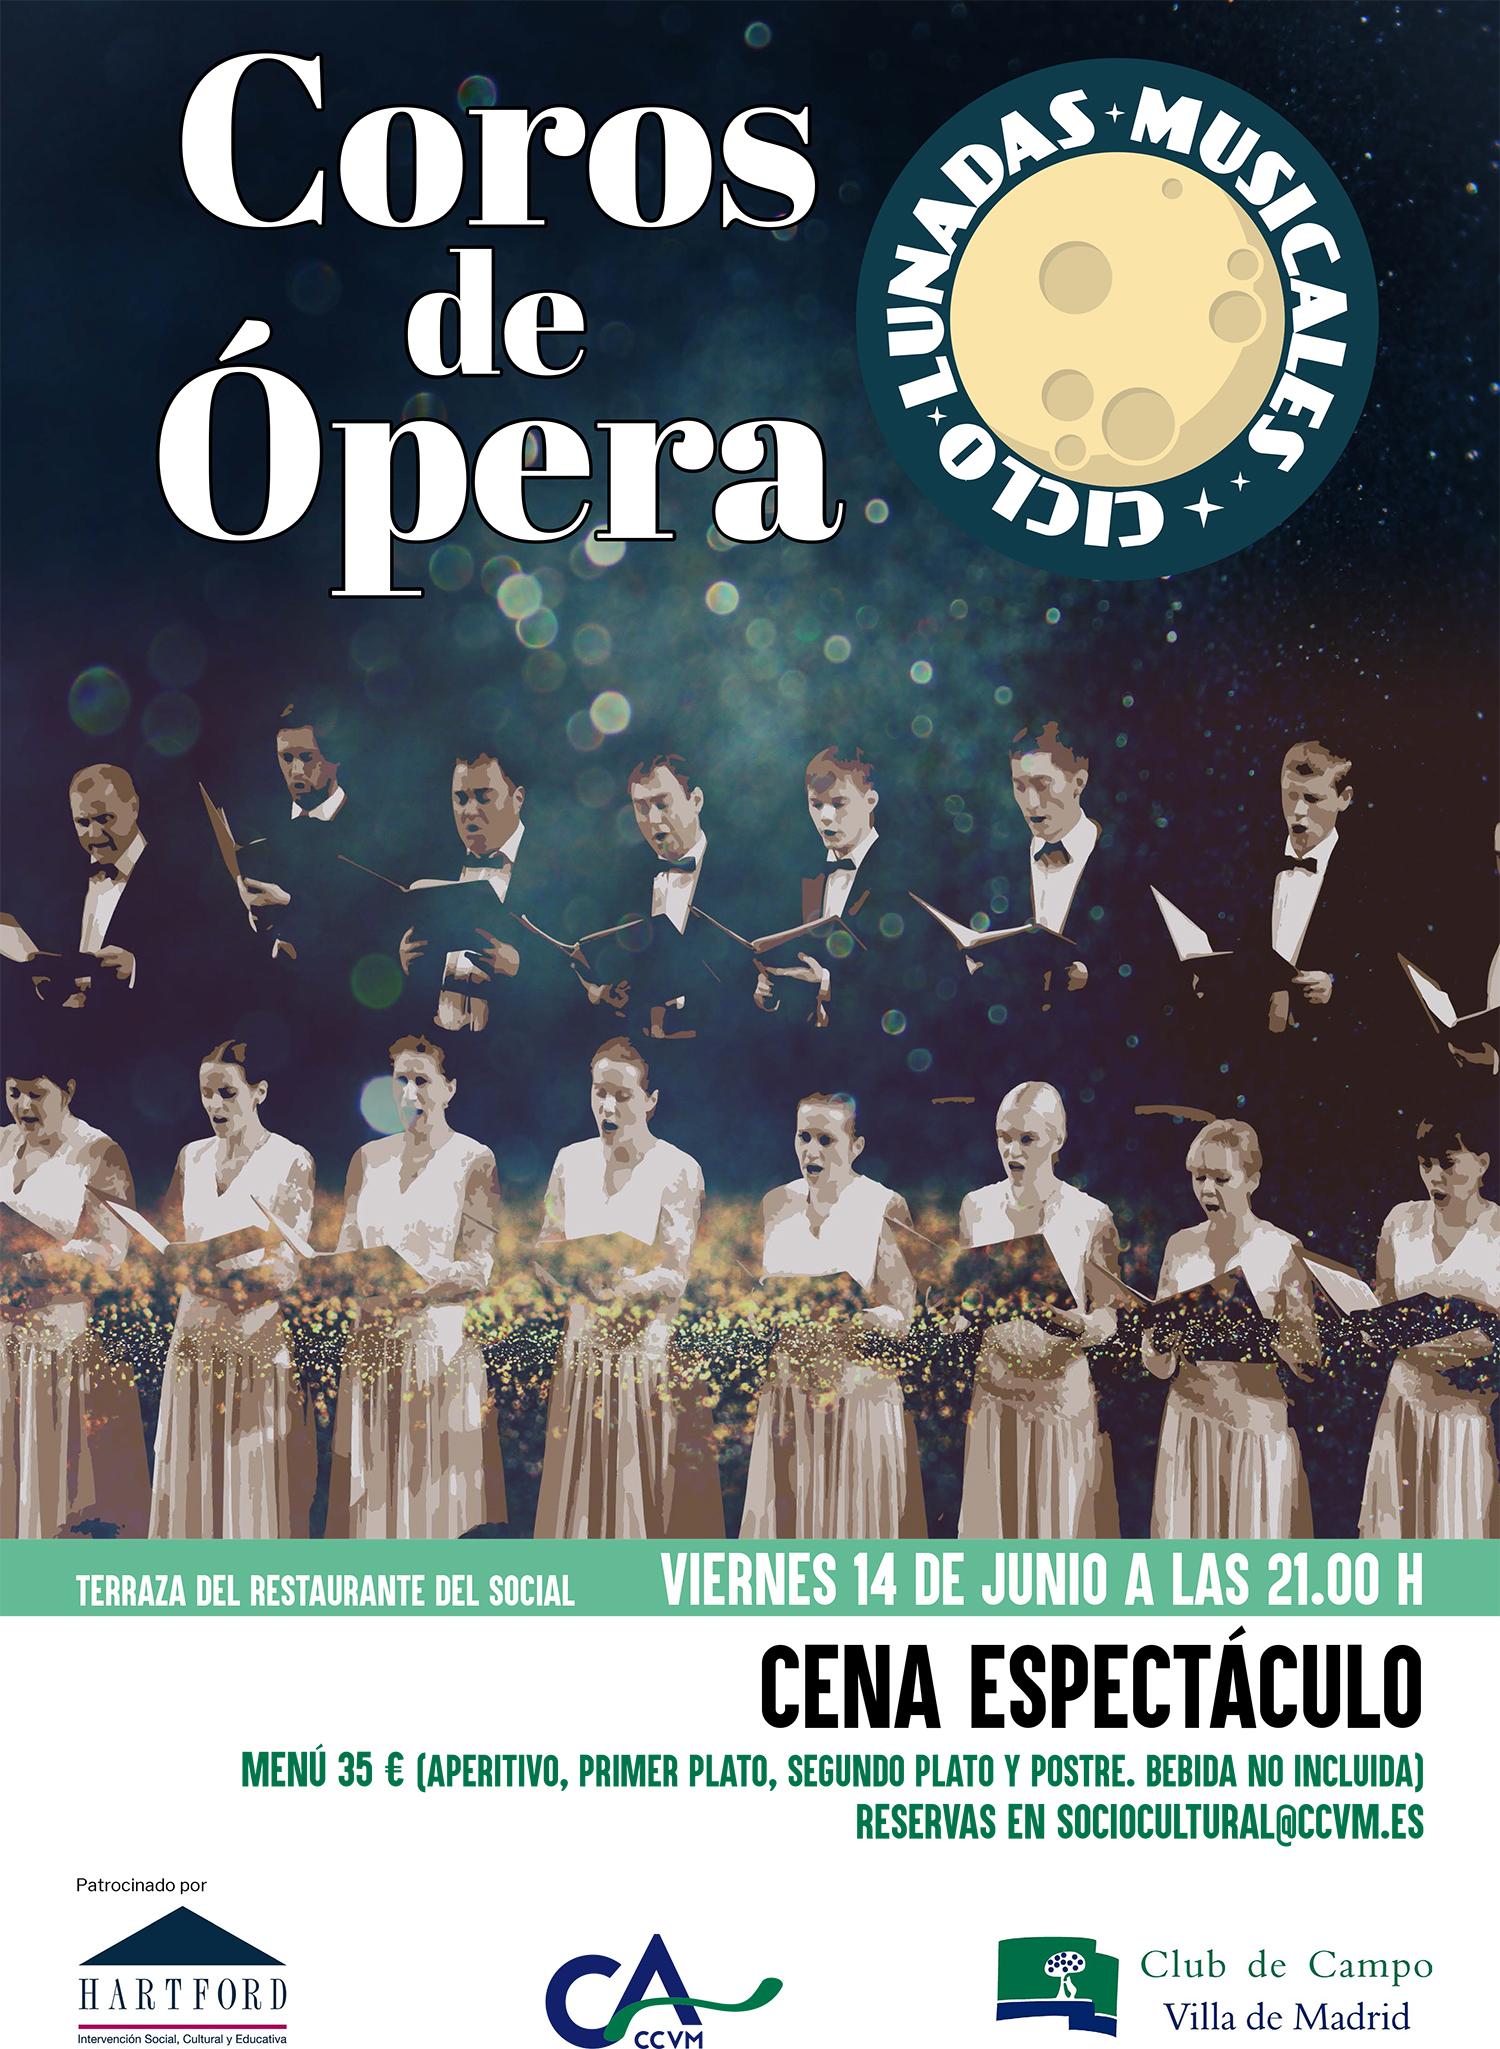 Cartel de Lunadas de Coros de Ópera